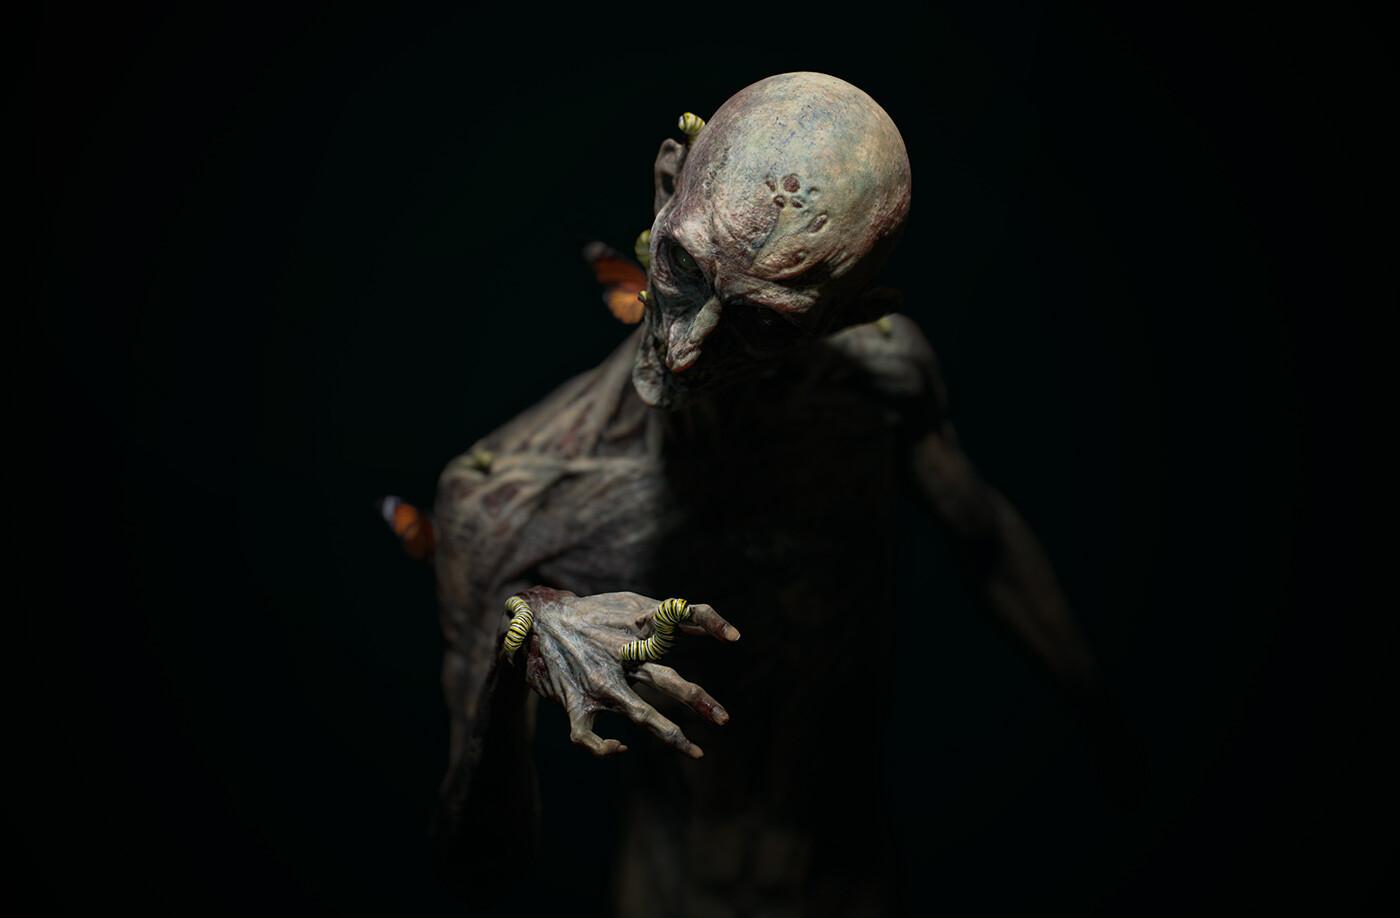 Pablo munoz gomez pmg substance source zombie dark render02